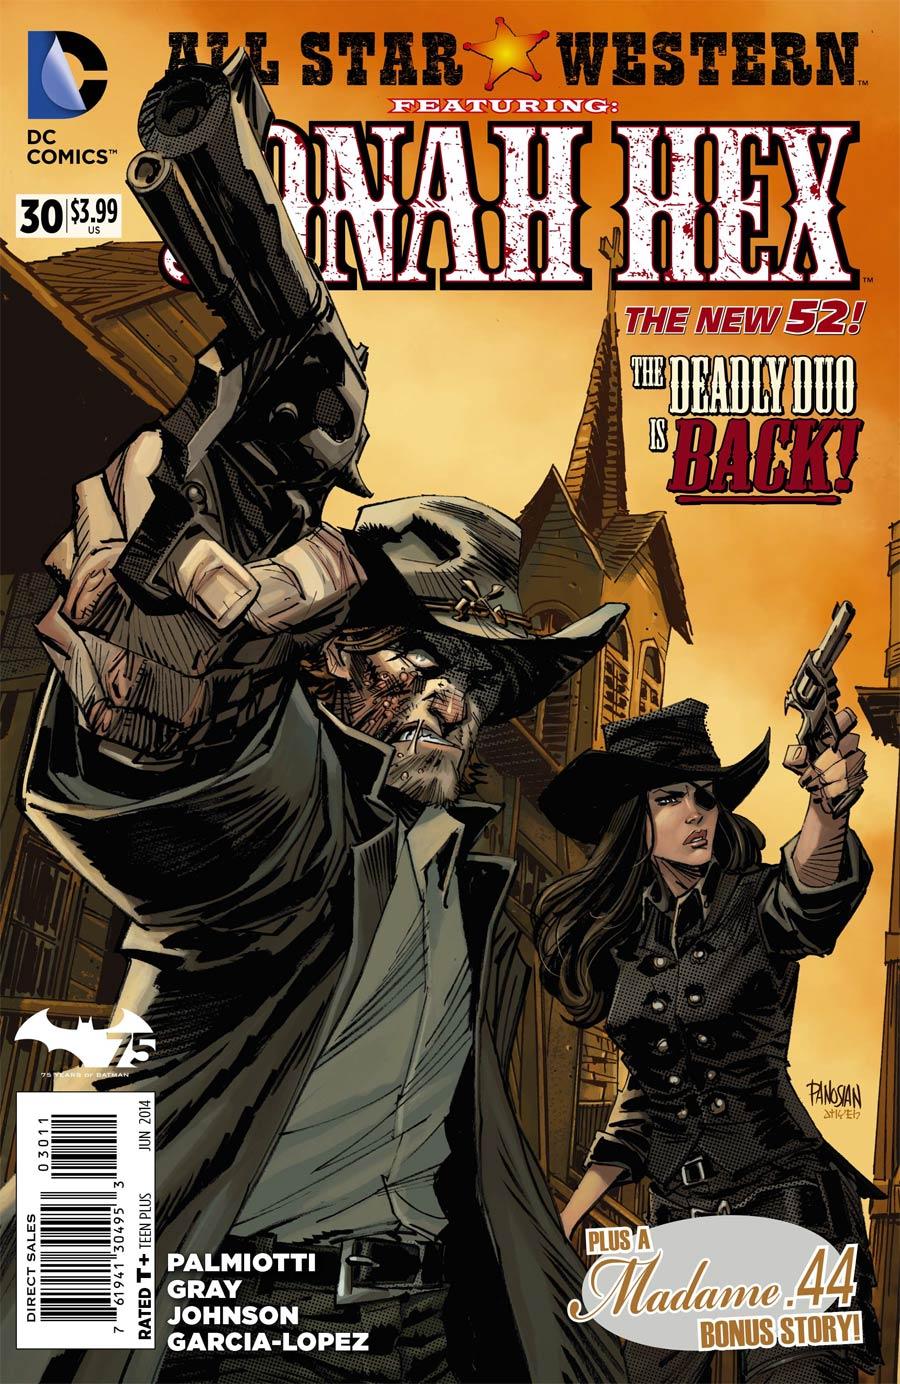 All Star Western Vol 3 #30